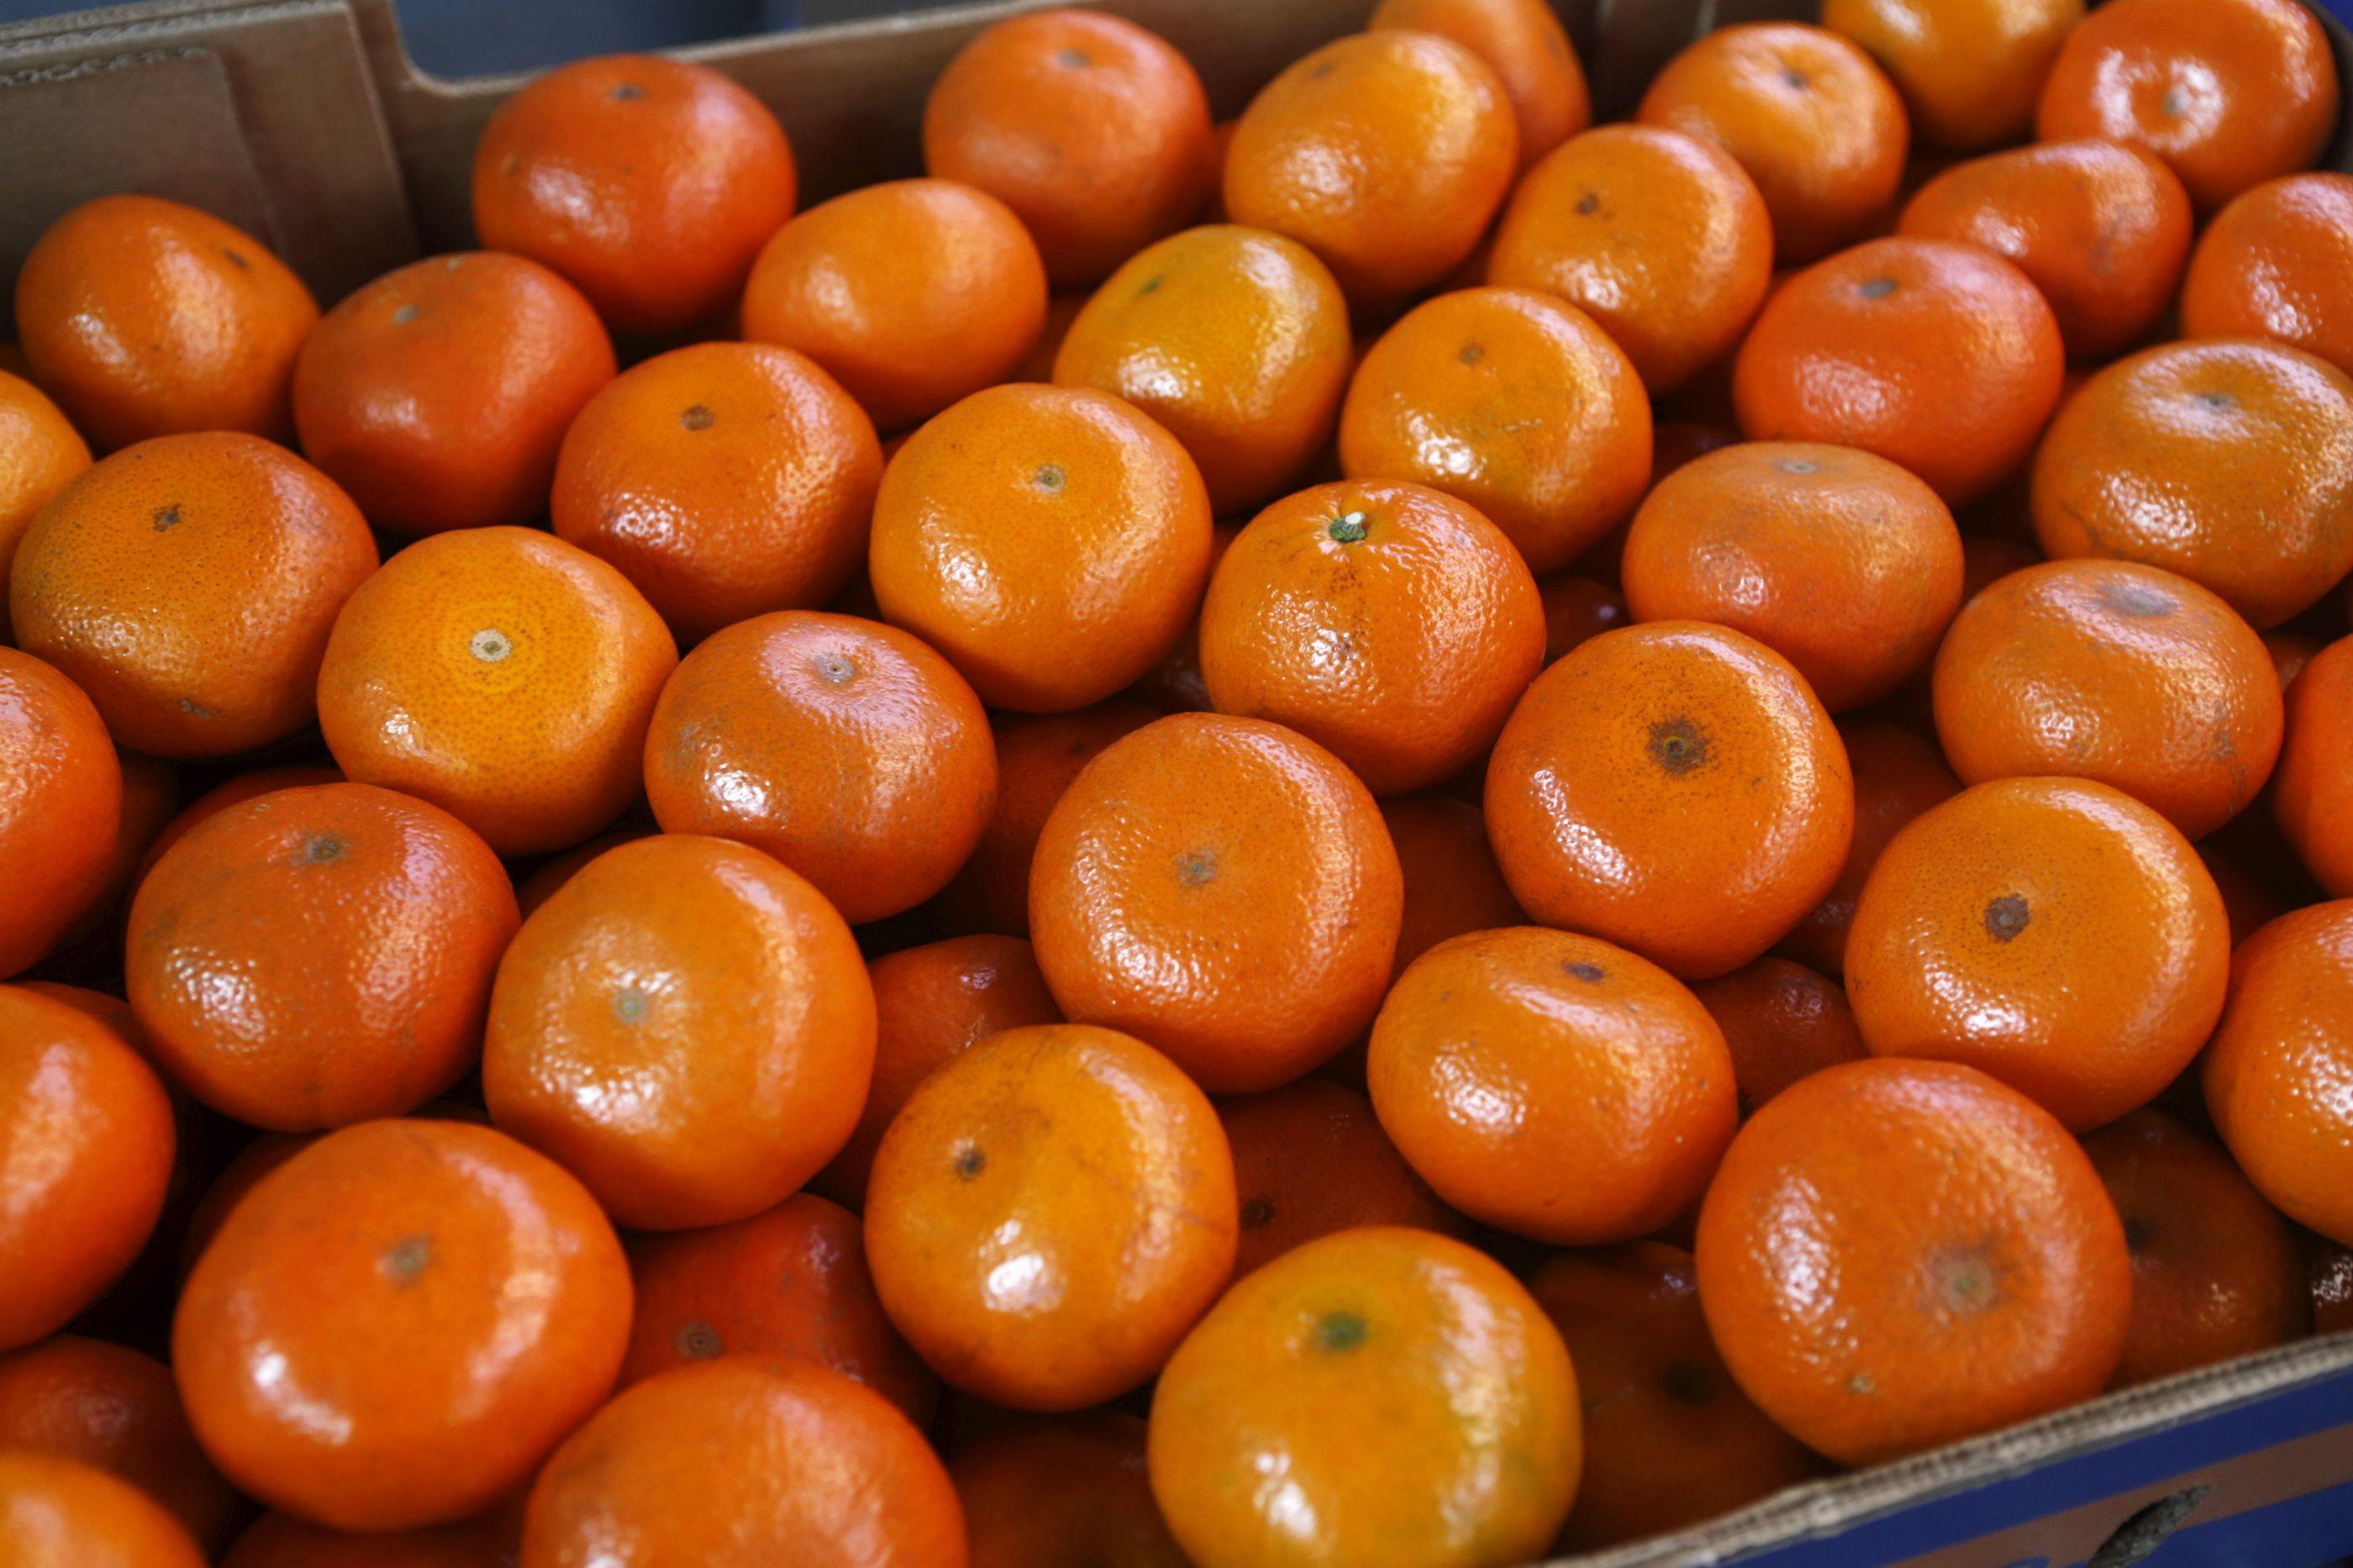 Coreia do Sul entrega milhares de tangerinas a Pyongyang